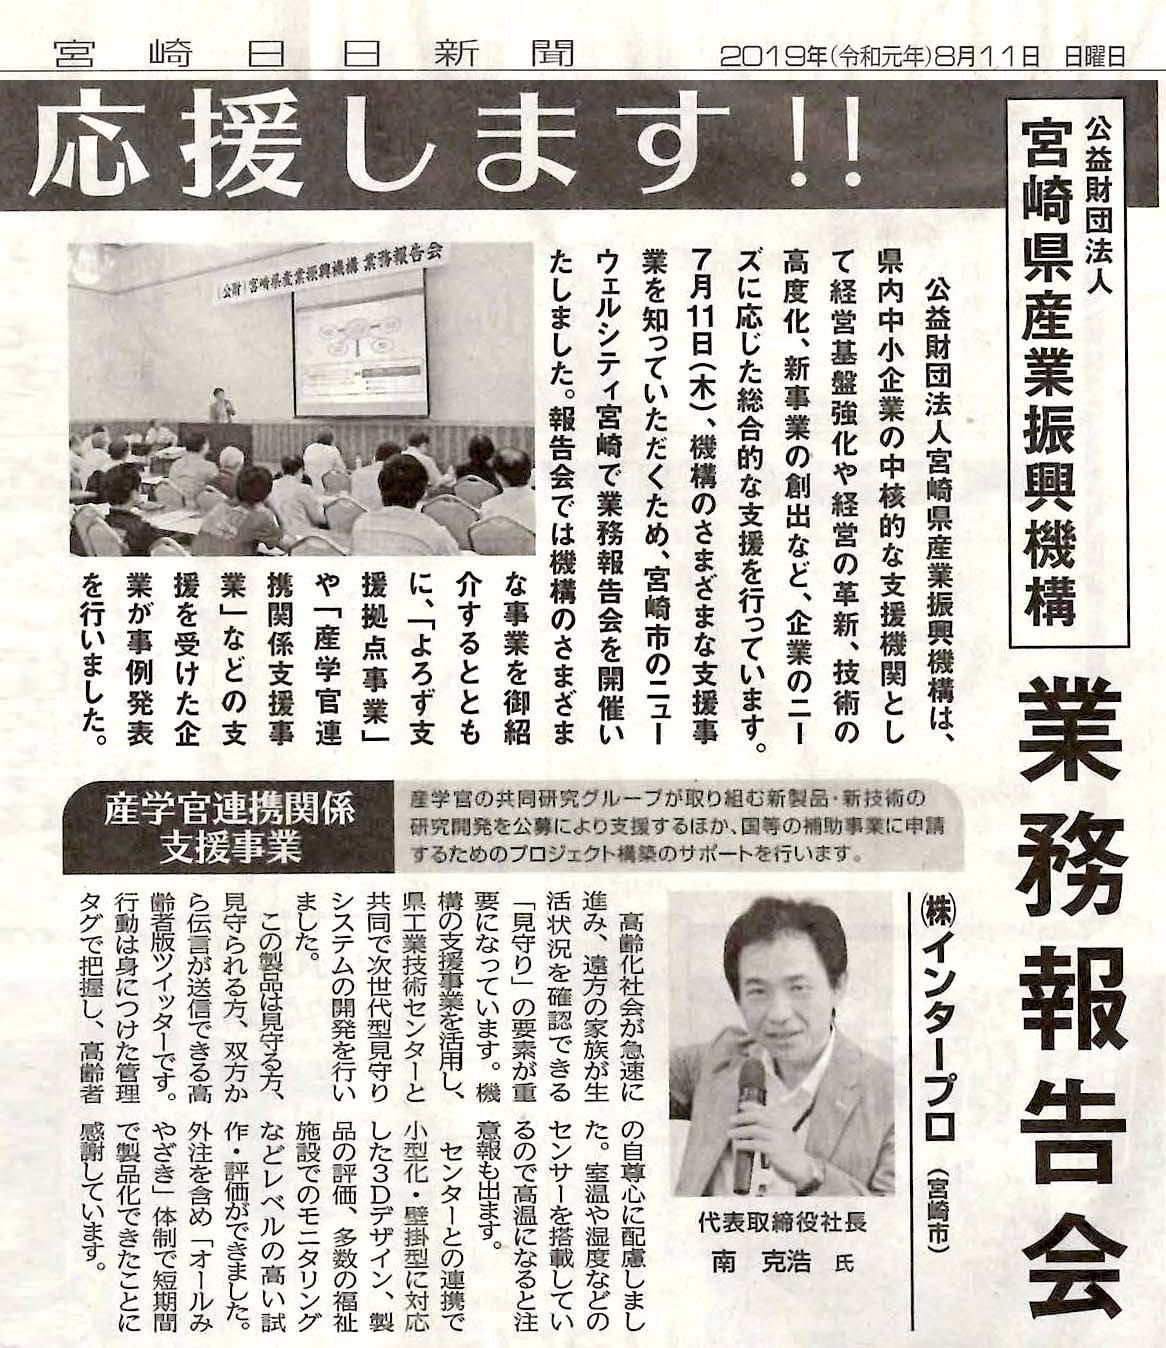 宮日090811機構報告会.jpg